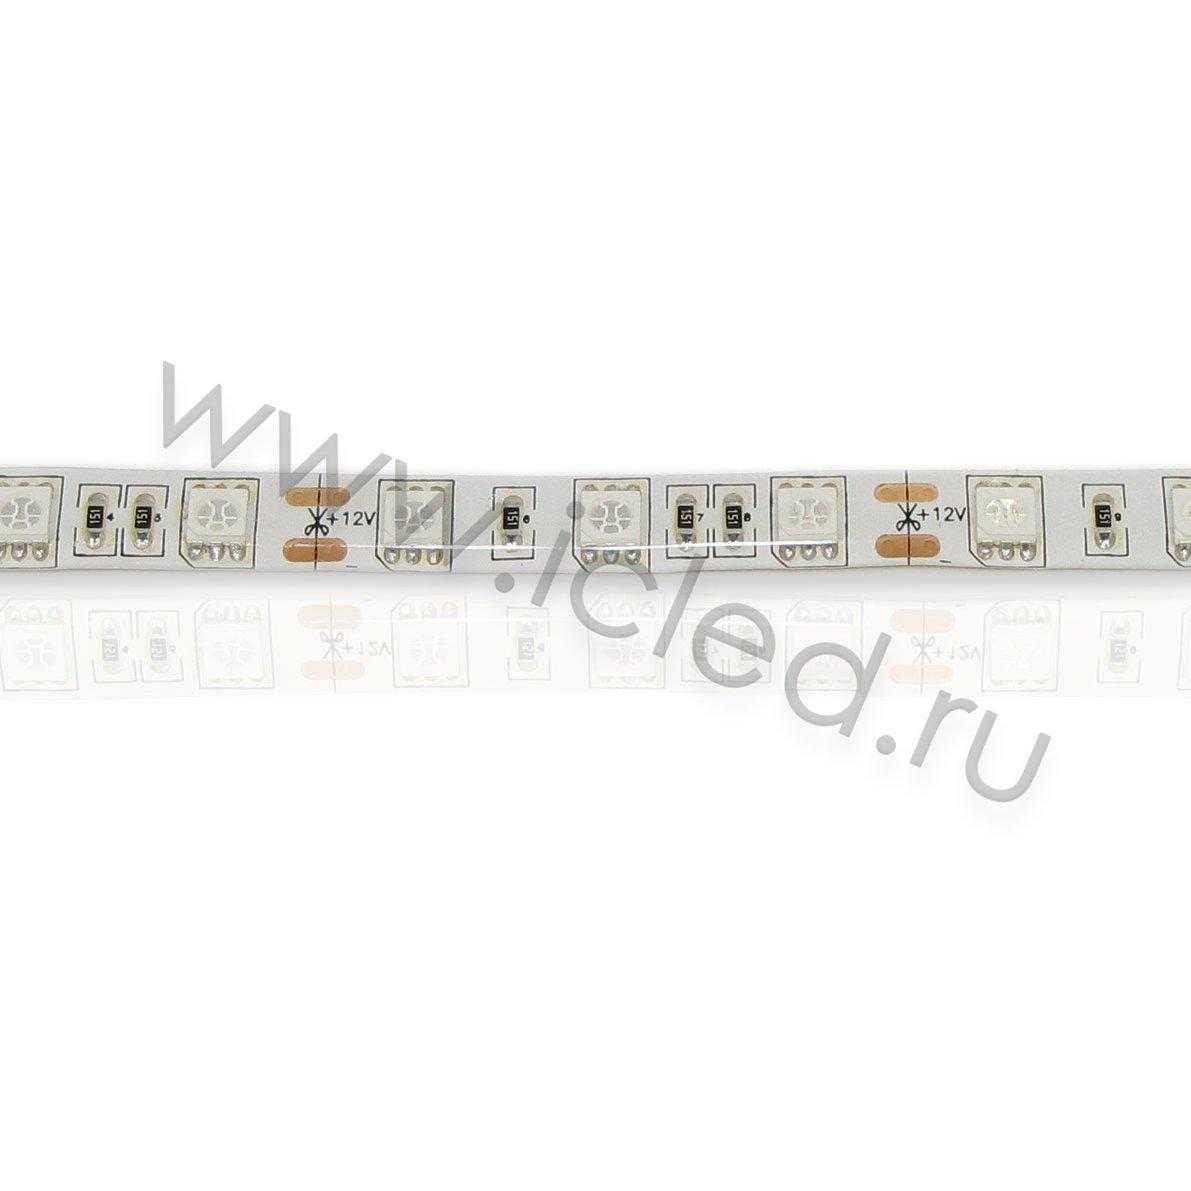 Светодиодная лента Econom class, 5050, 60led/m, Green, 12V, IP65